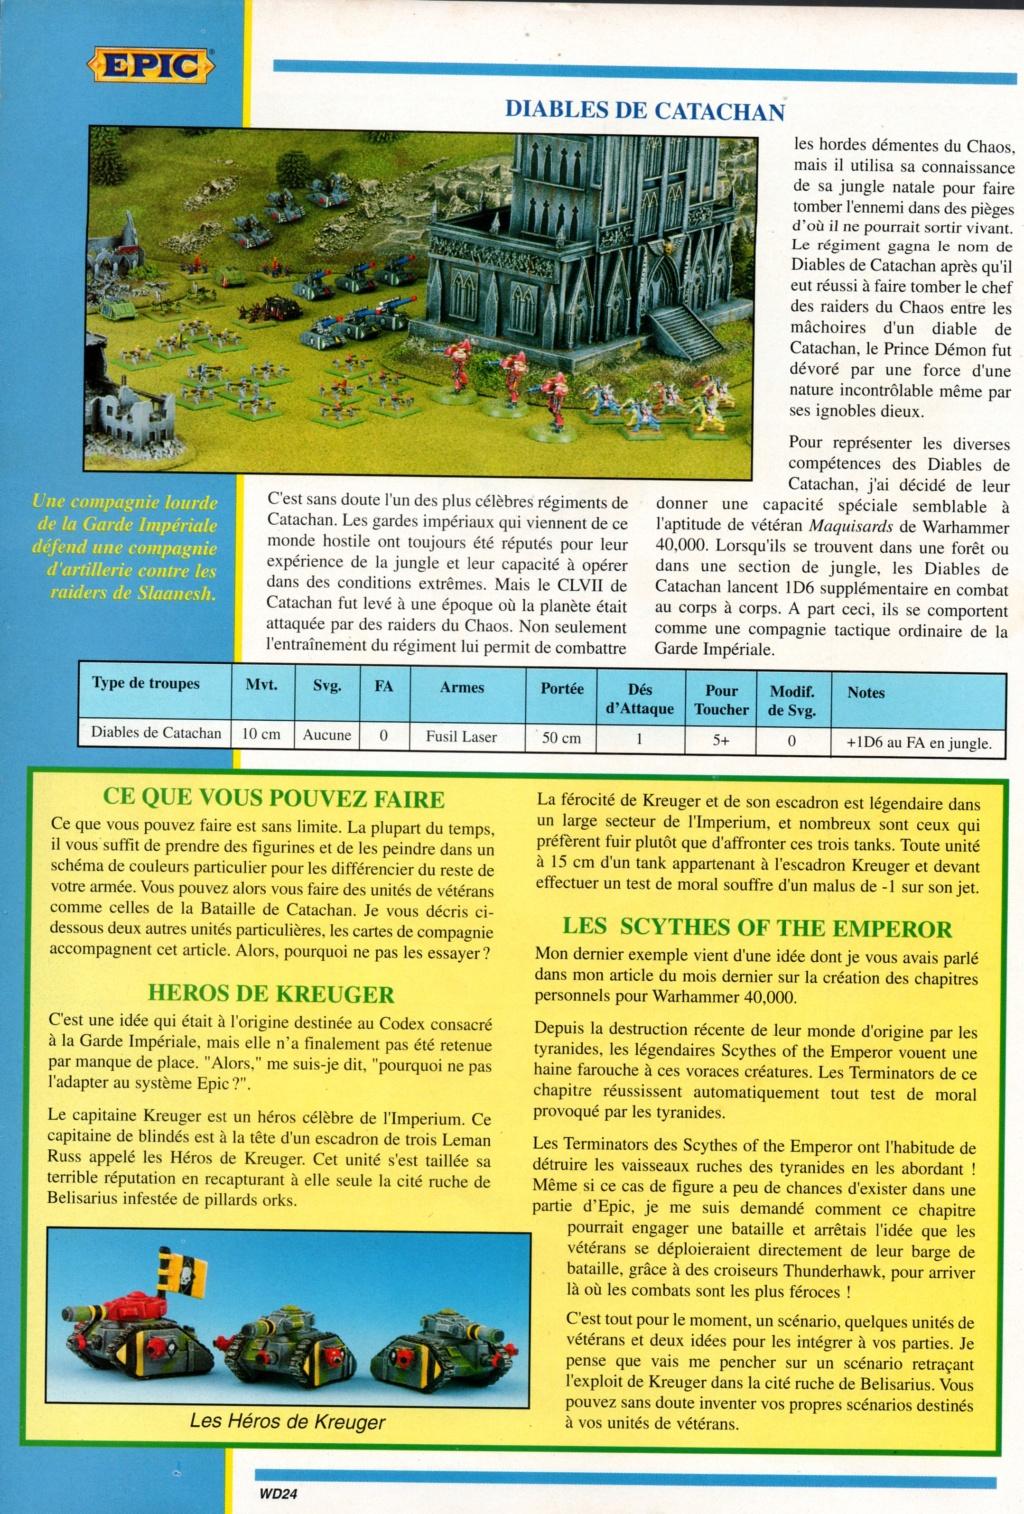 boulet picard 2 le retour Wd00110